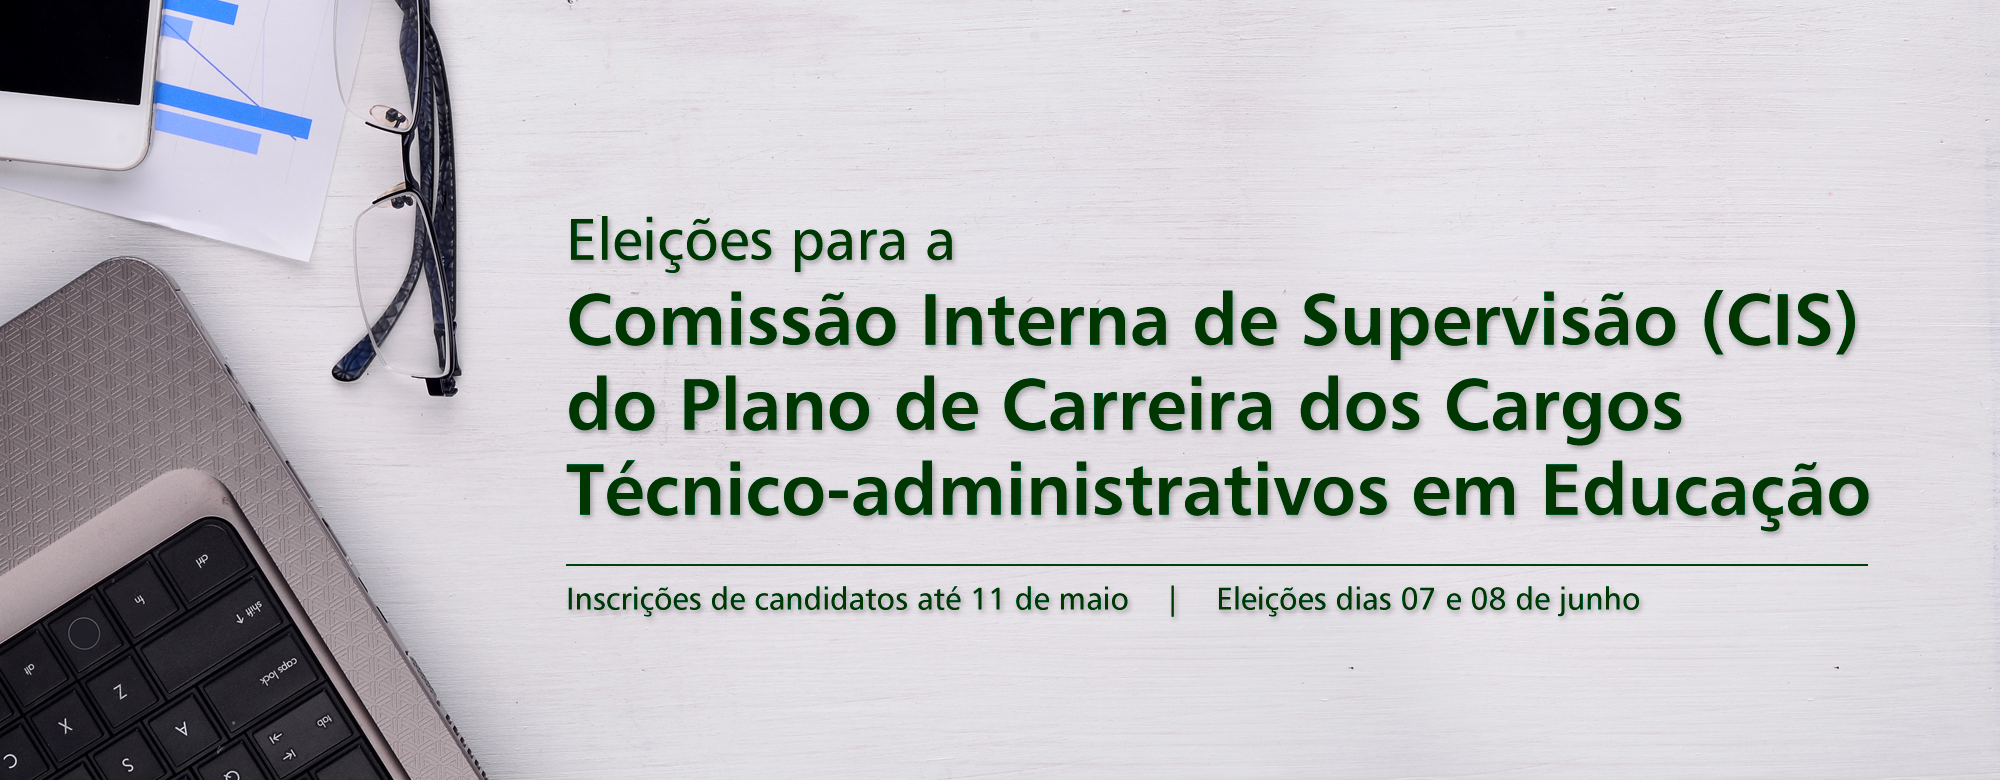 Banner anunciando o processo eleitoral para recomposição da Comissão Interna de Supervisão do Plano de Carreira dos TAEs.